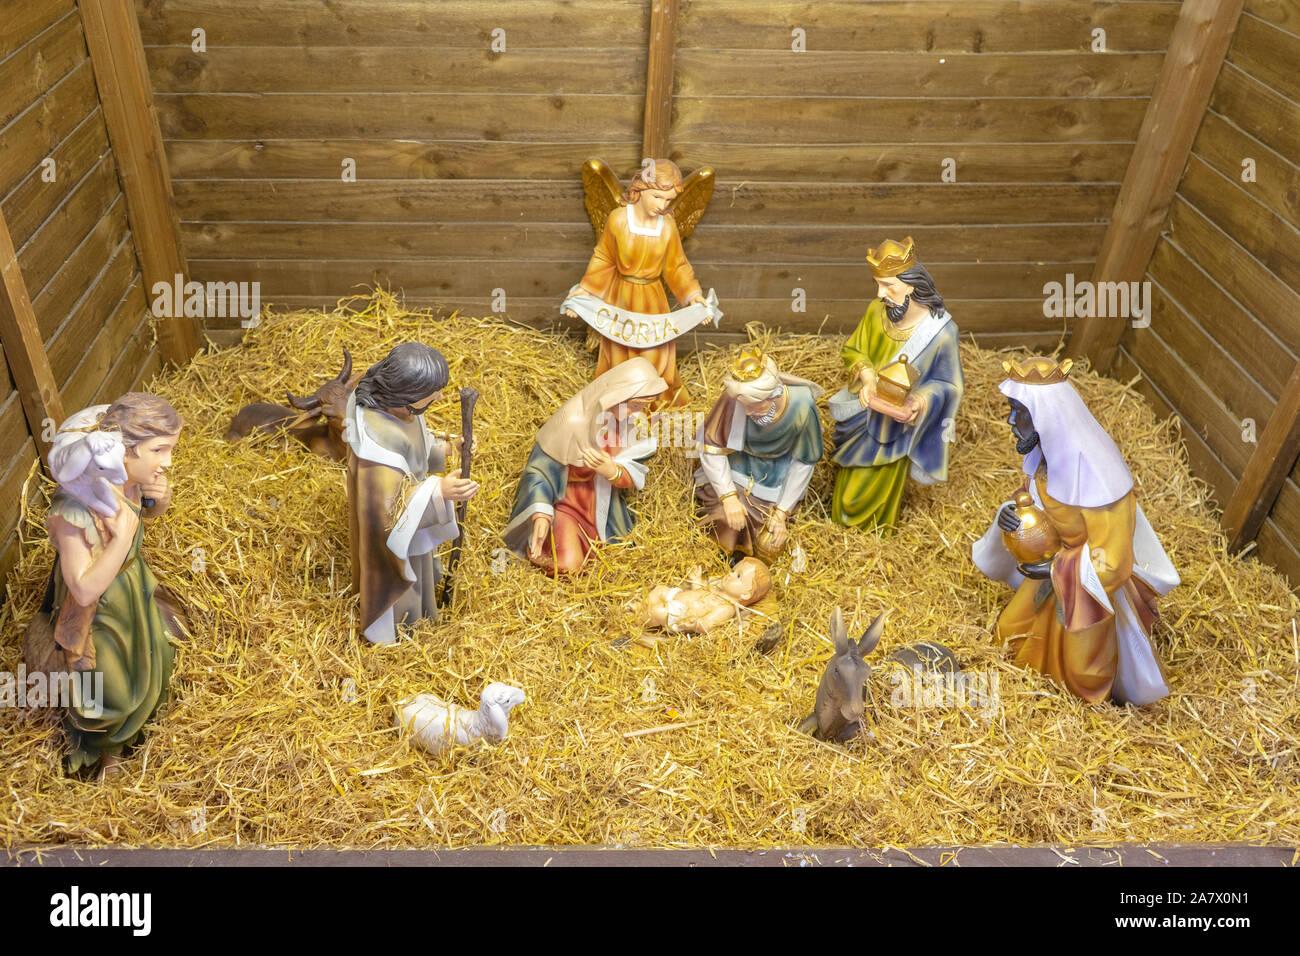 Milton Keynes, Dezember 21,2018. Traditionelle Weihnachten Anzeige von Jesus Geburt aus kleinen Figuren Stockfoto